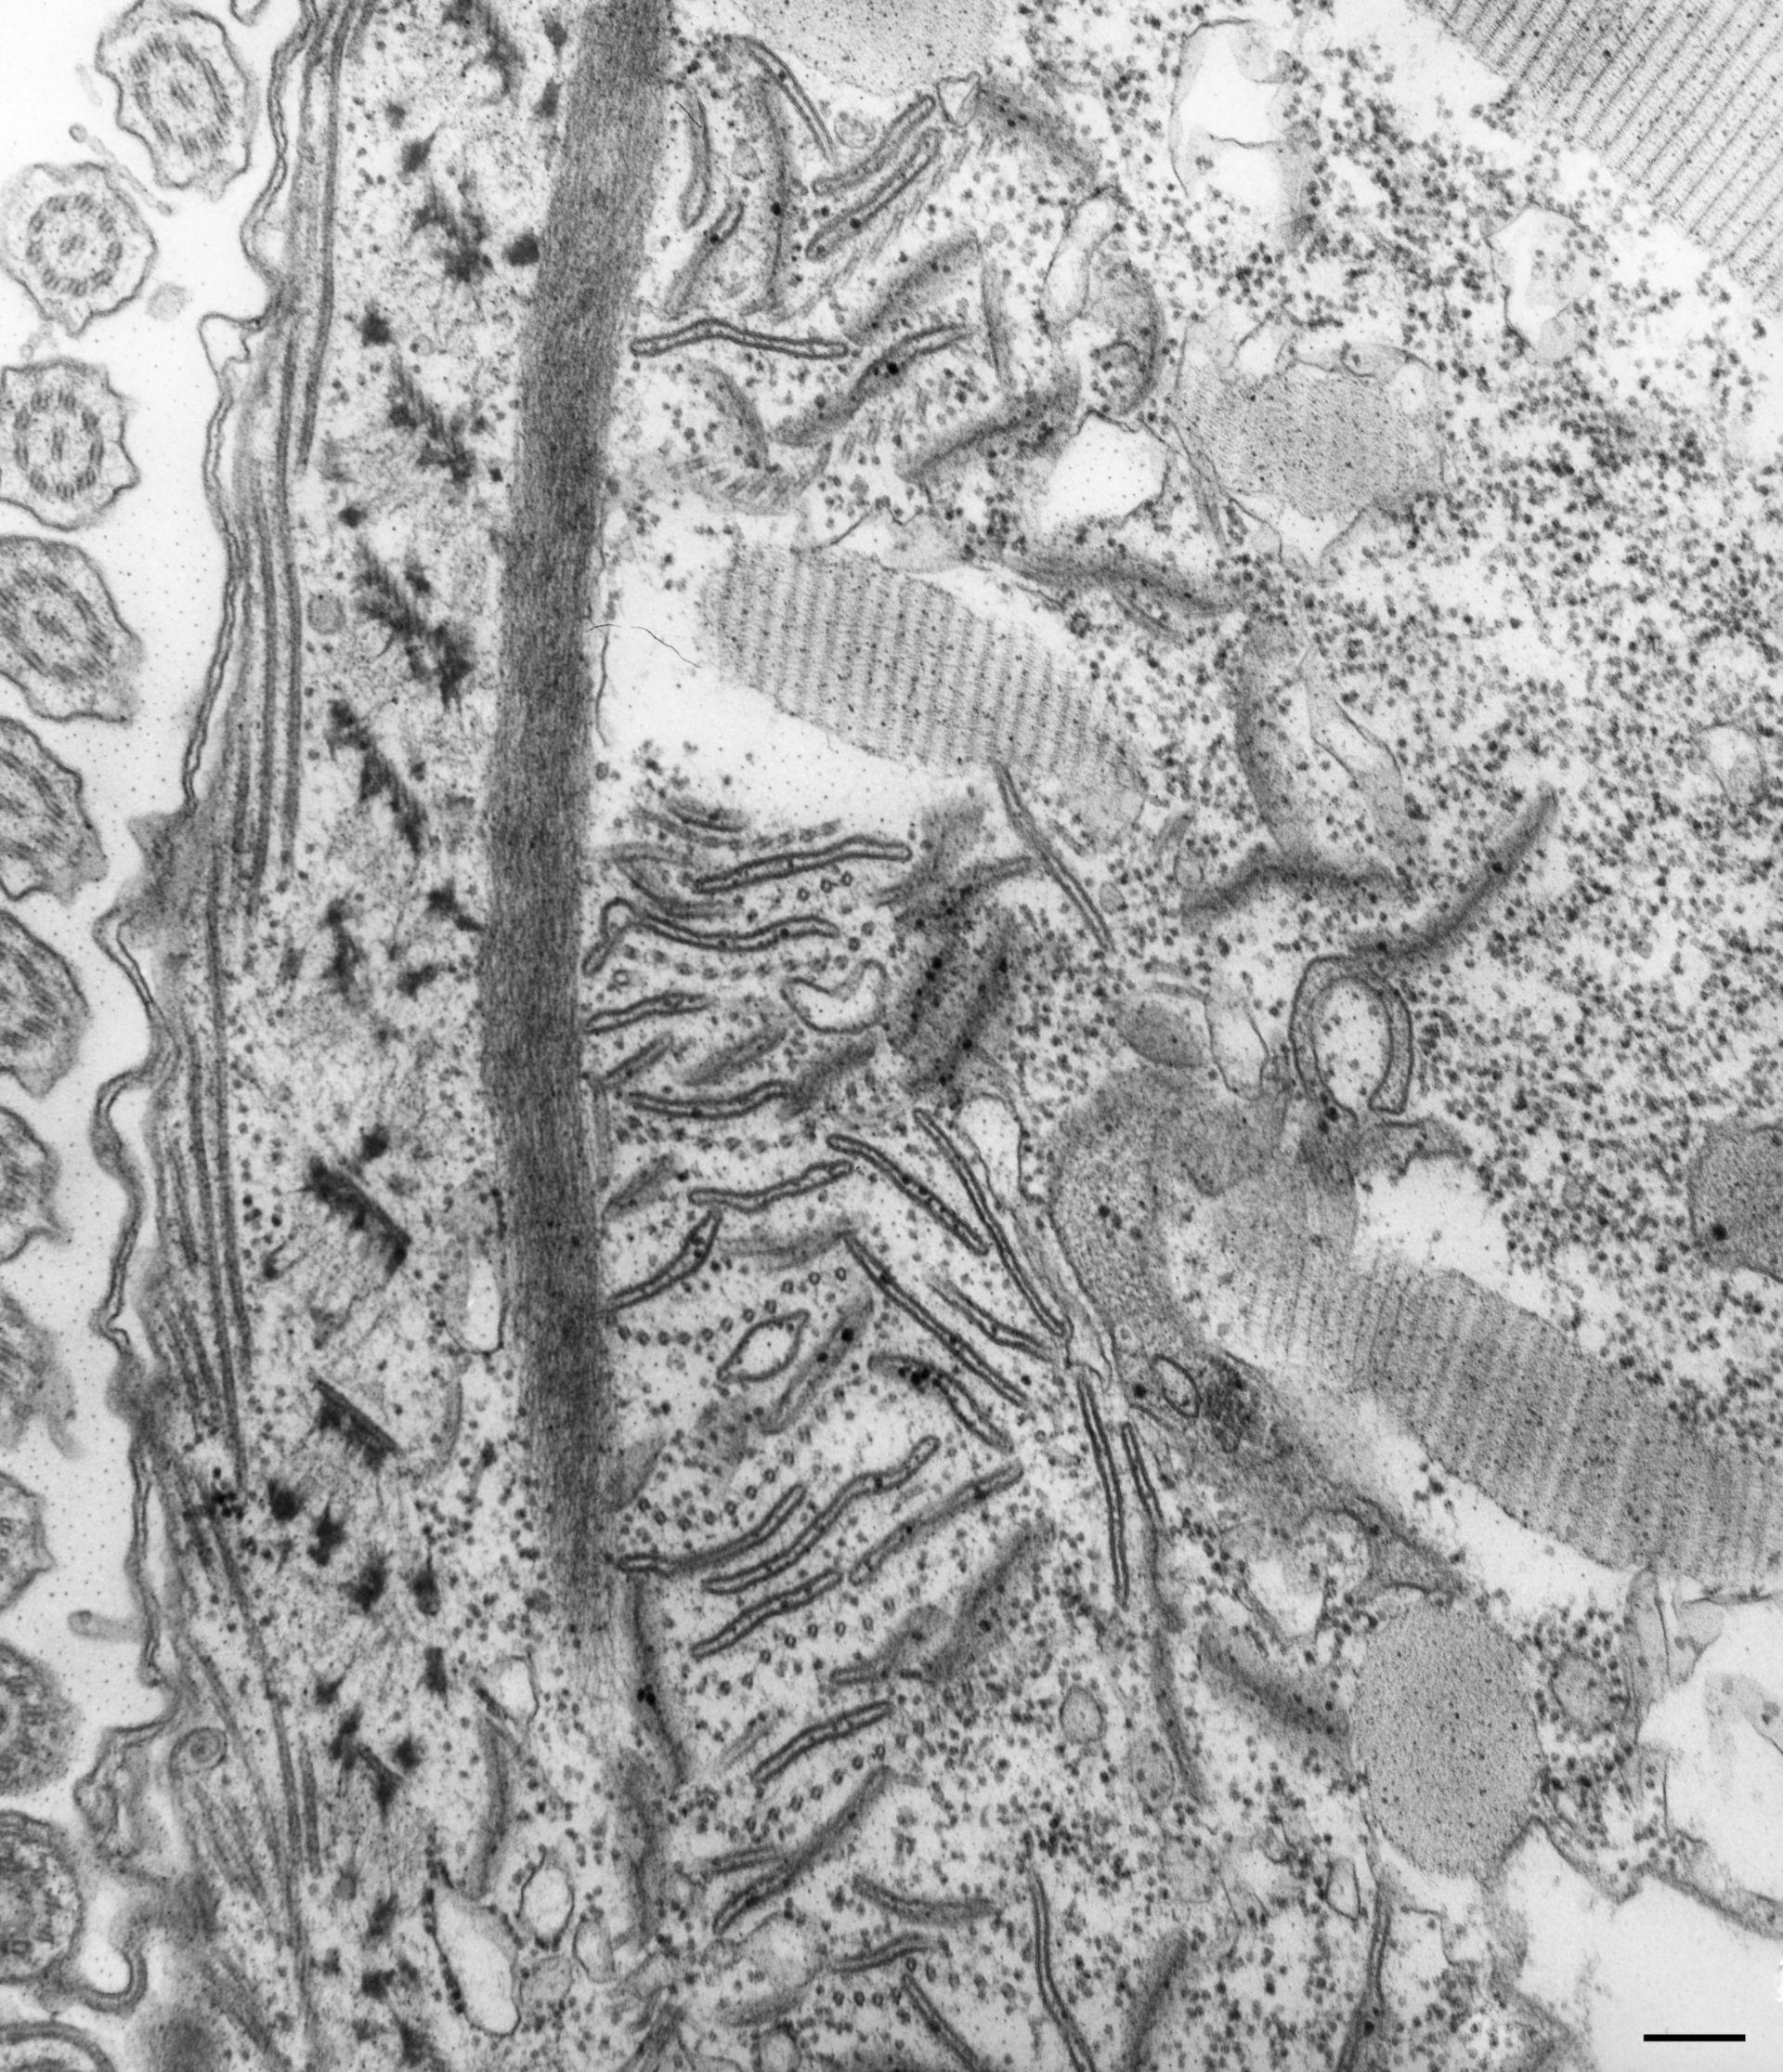 Paramecium caudatum (complesso associato ai microtubuli) - CIL:36782